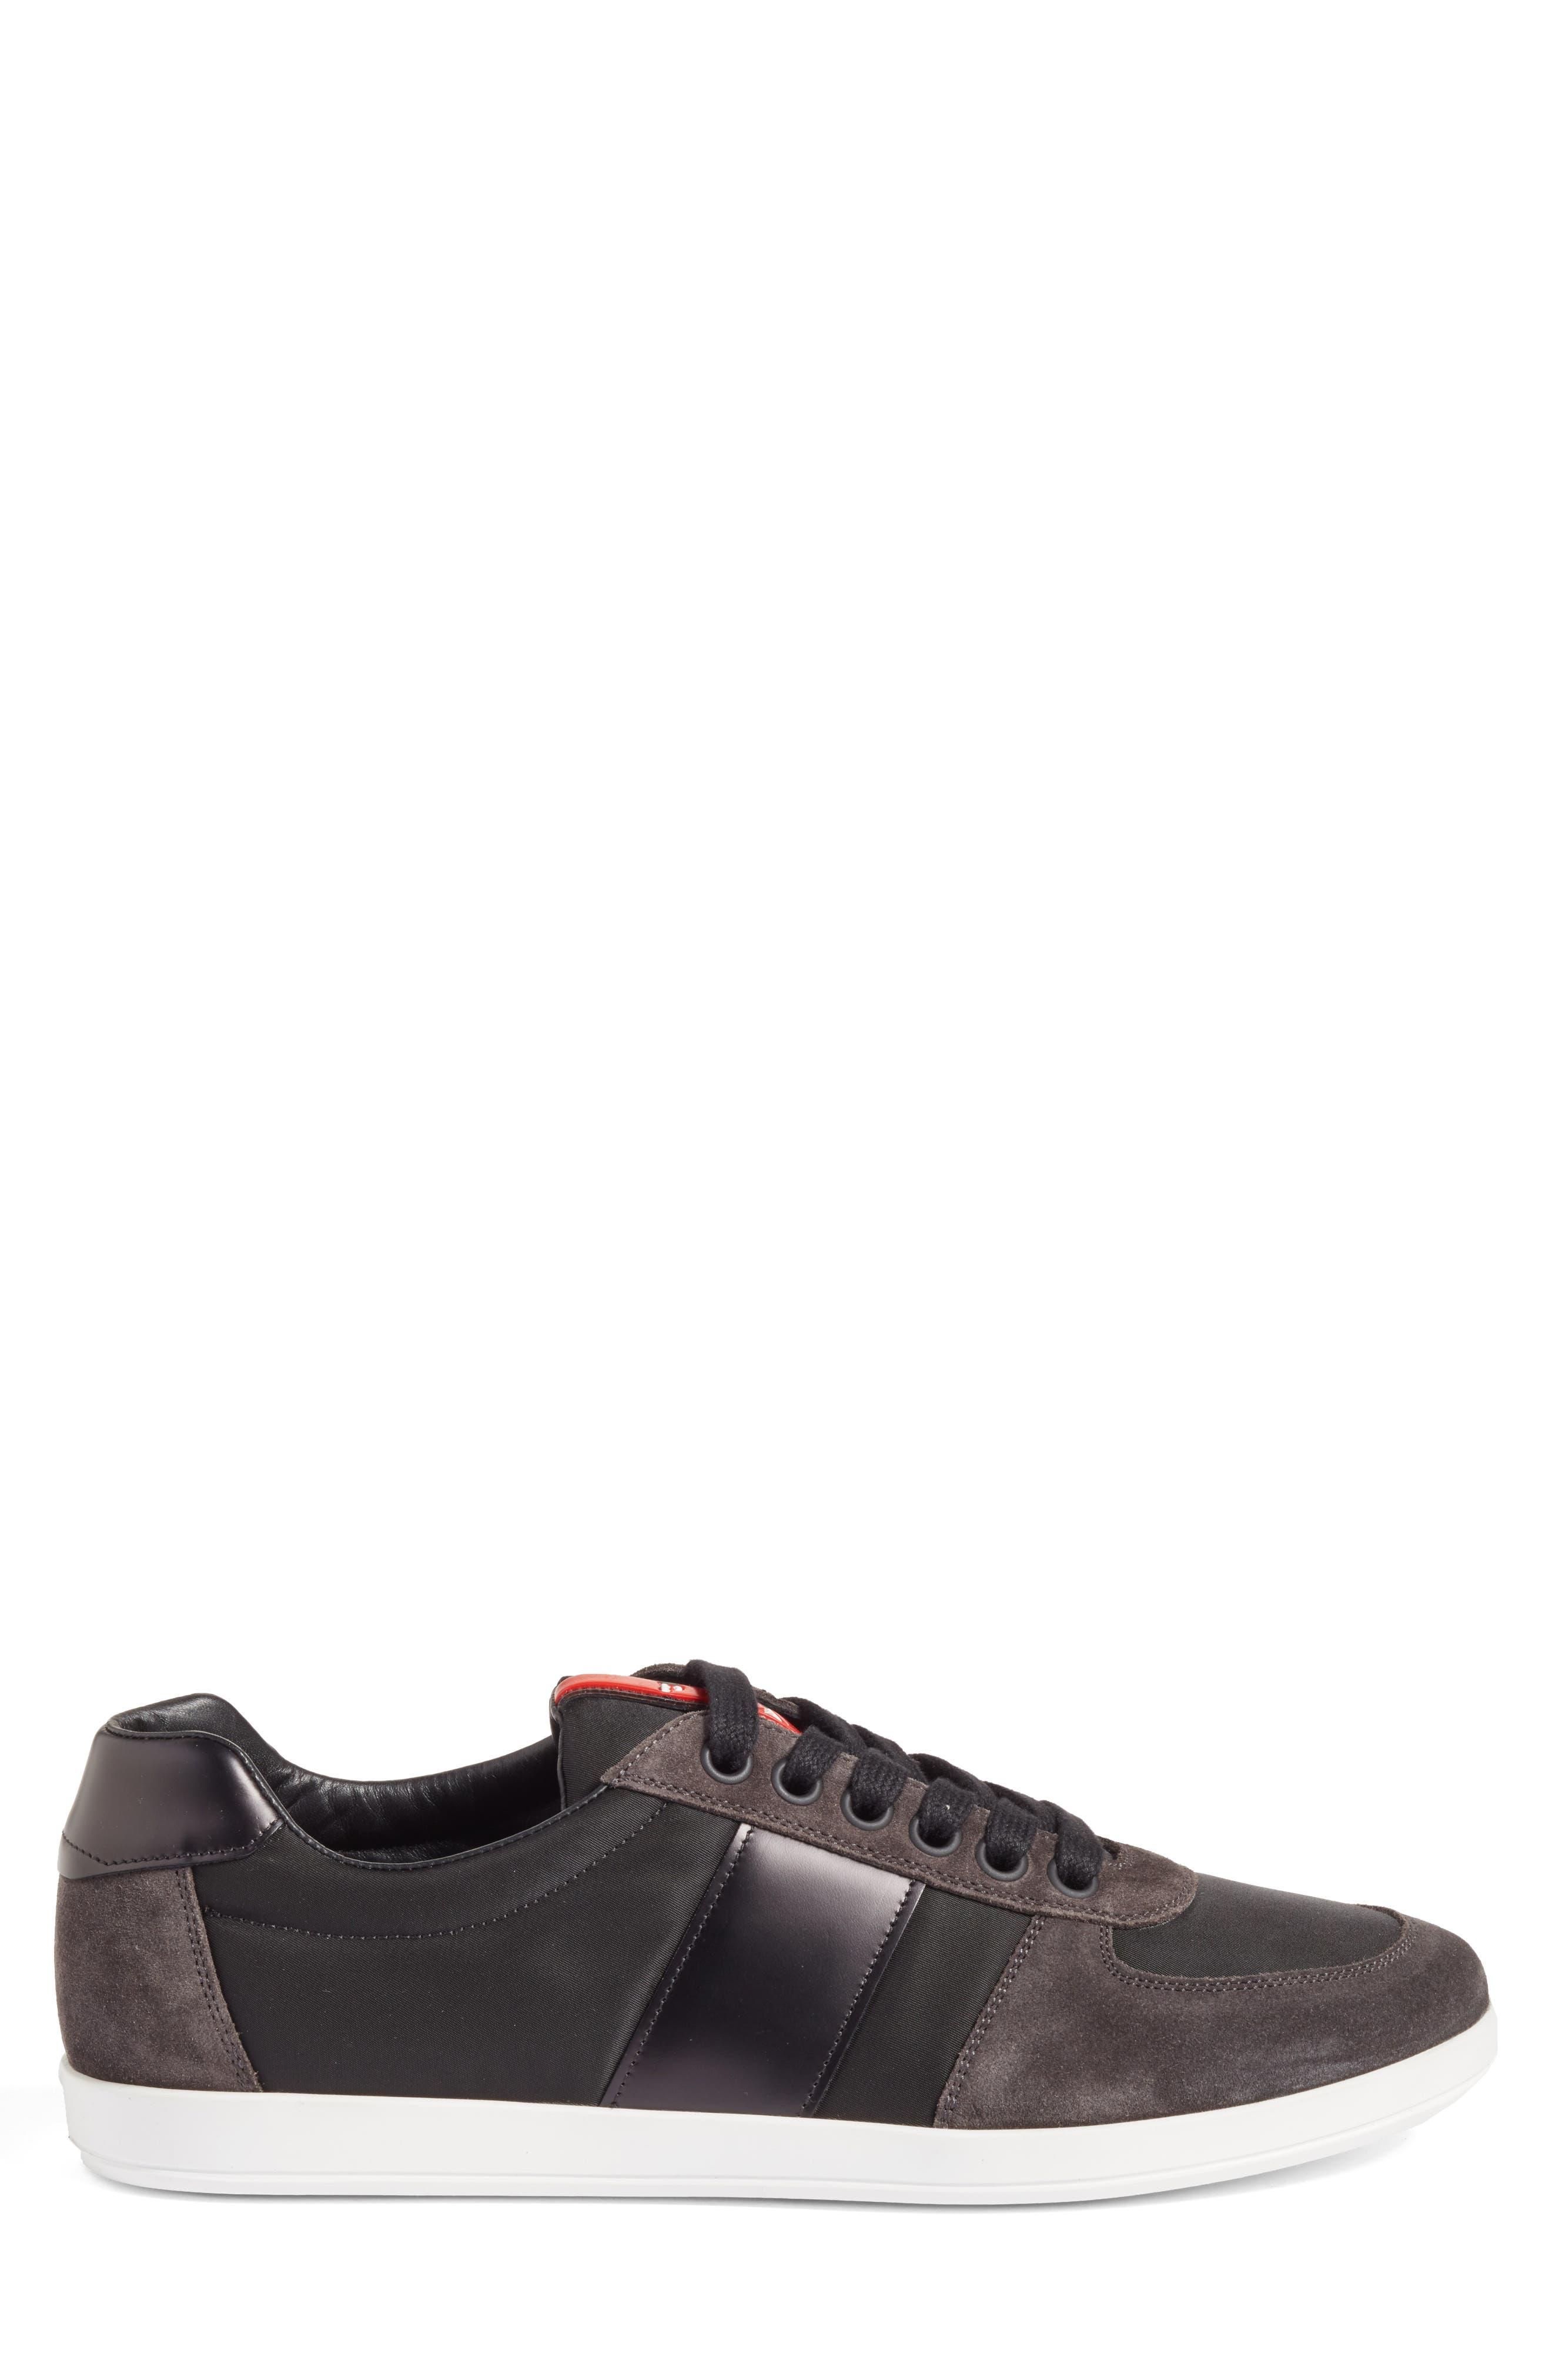 Linea Rossa Sneaker,                             Alternate thumbnail 3, color,                             010